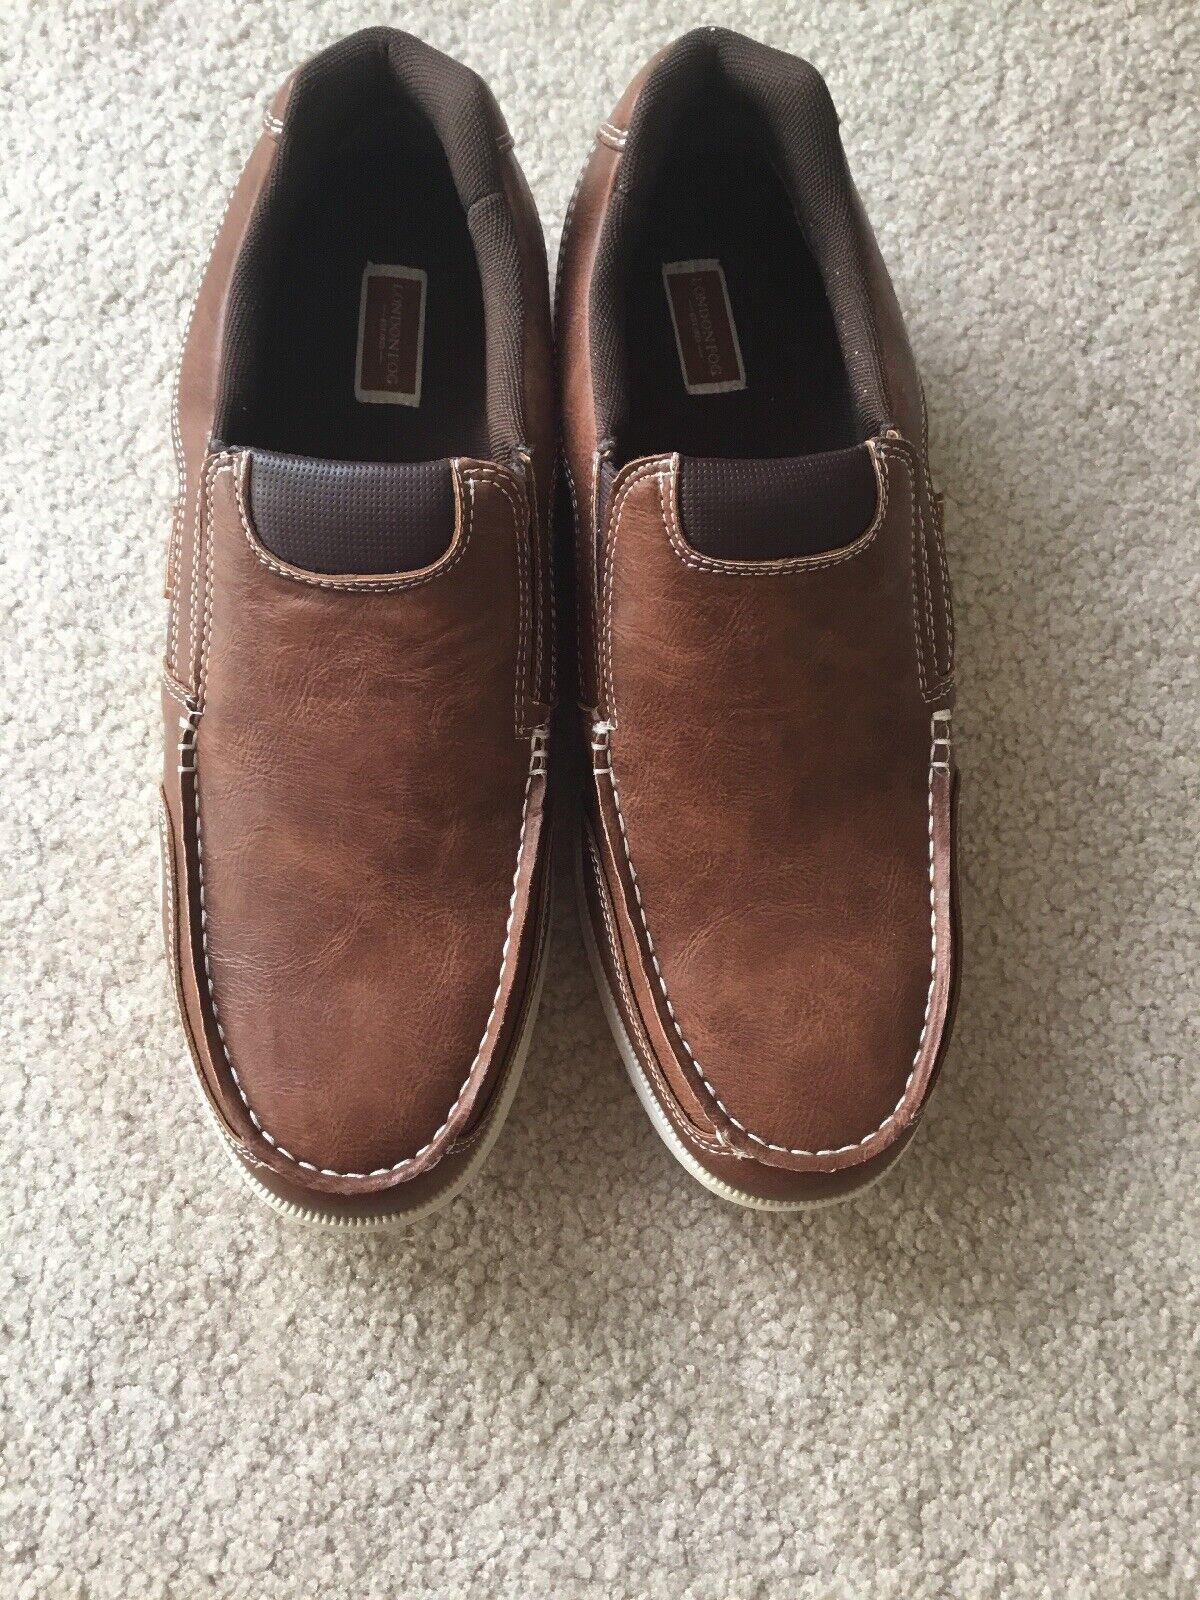 Mens LONDON FOG LFM HASTING Cognac PG 553 shoes Size 13 M